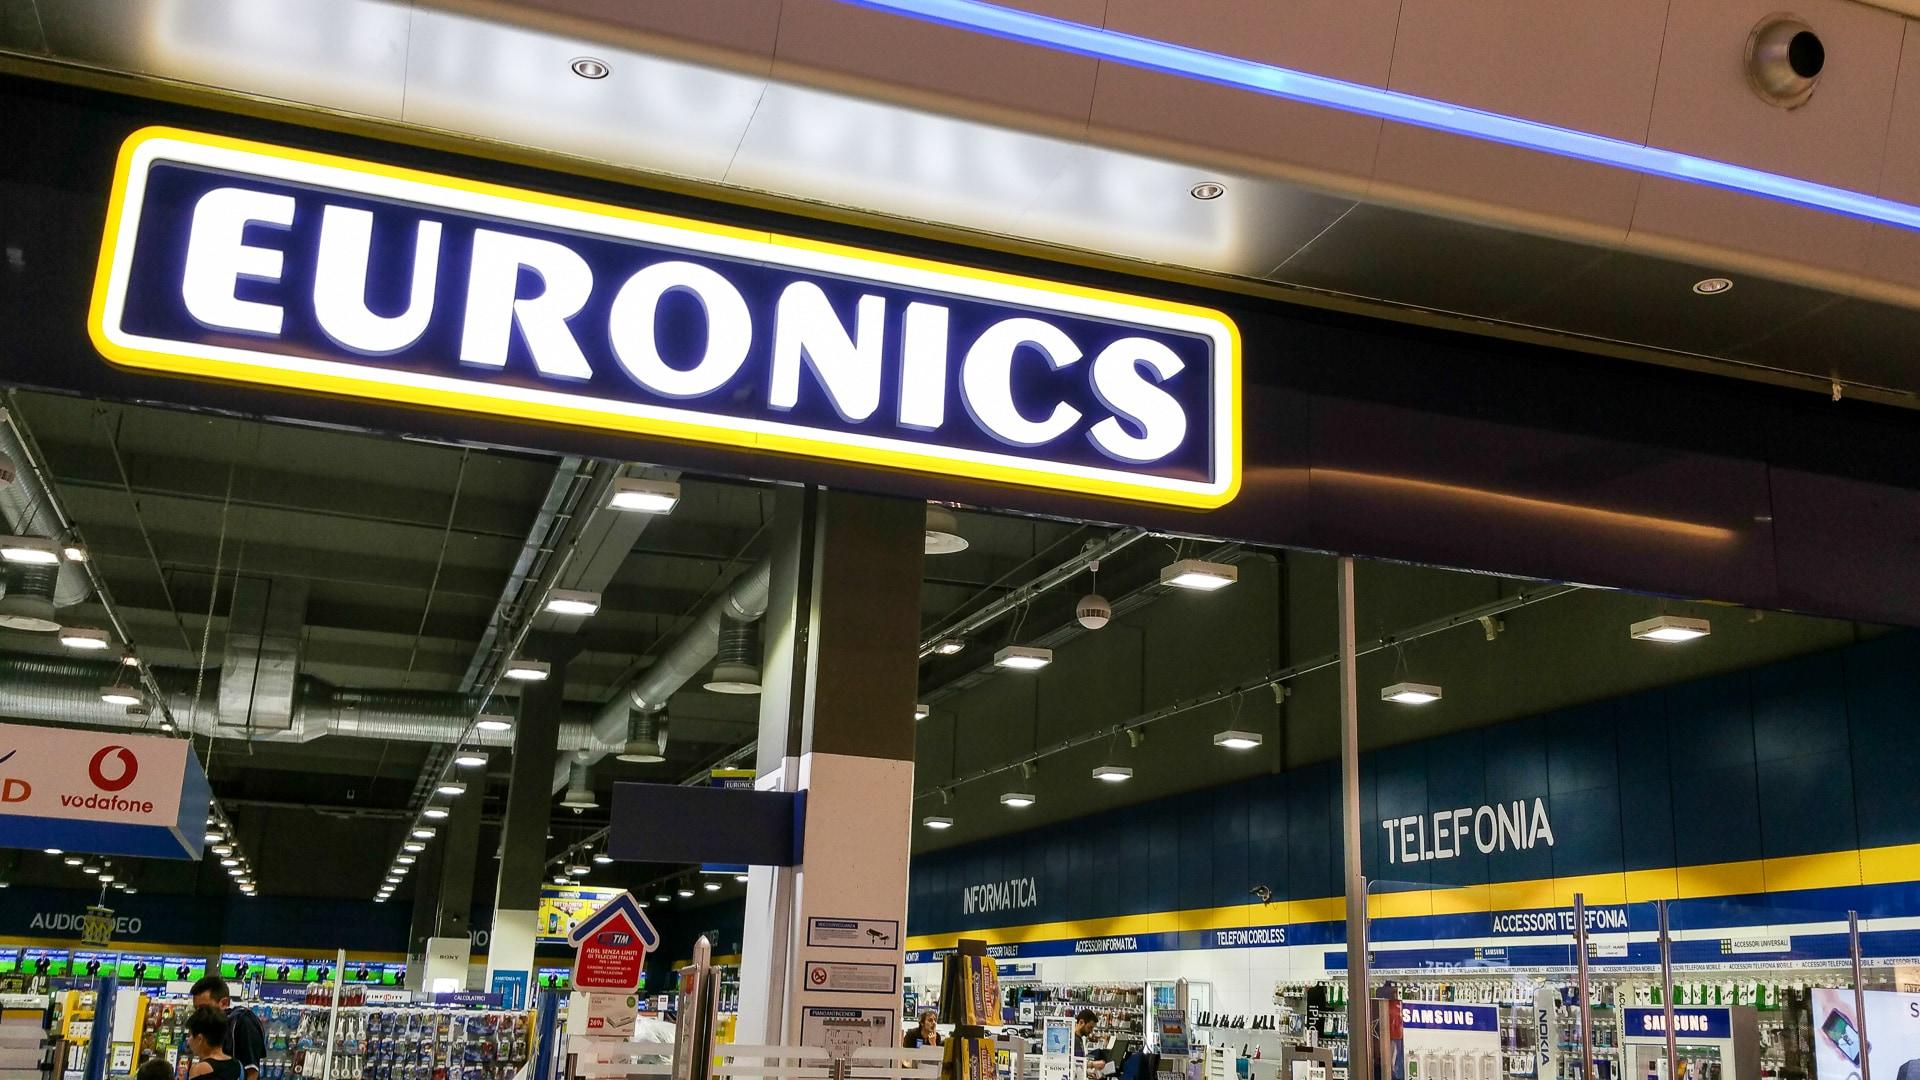 Euronics taglia i prezzi di smartphone, tablet e notebook, ma solo su quantità limitate (foto)